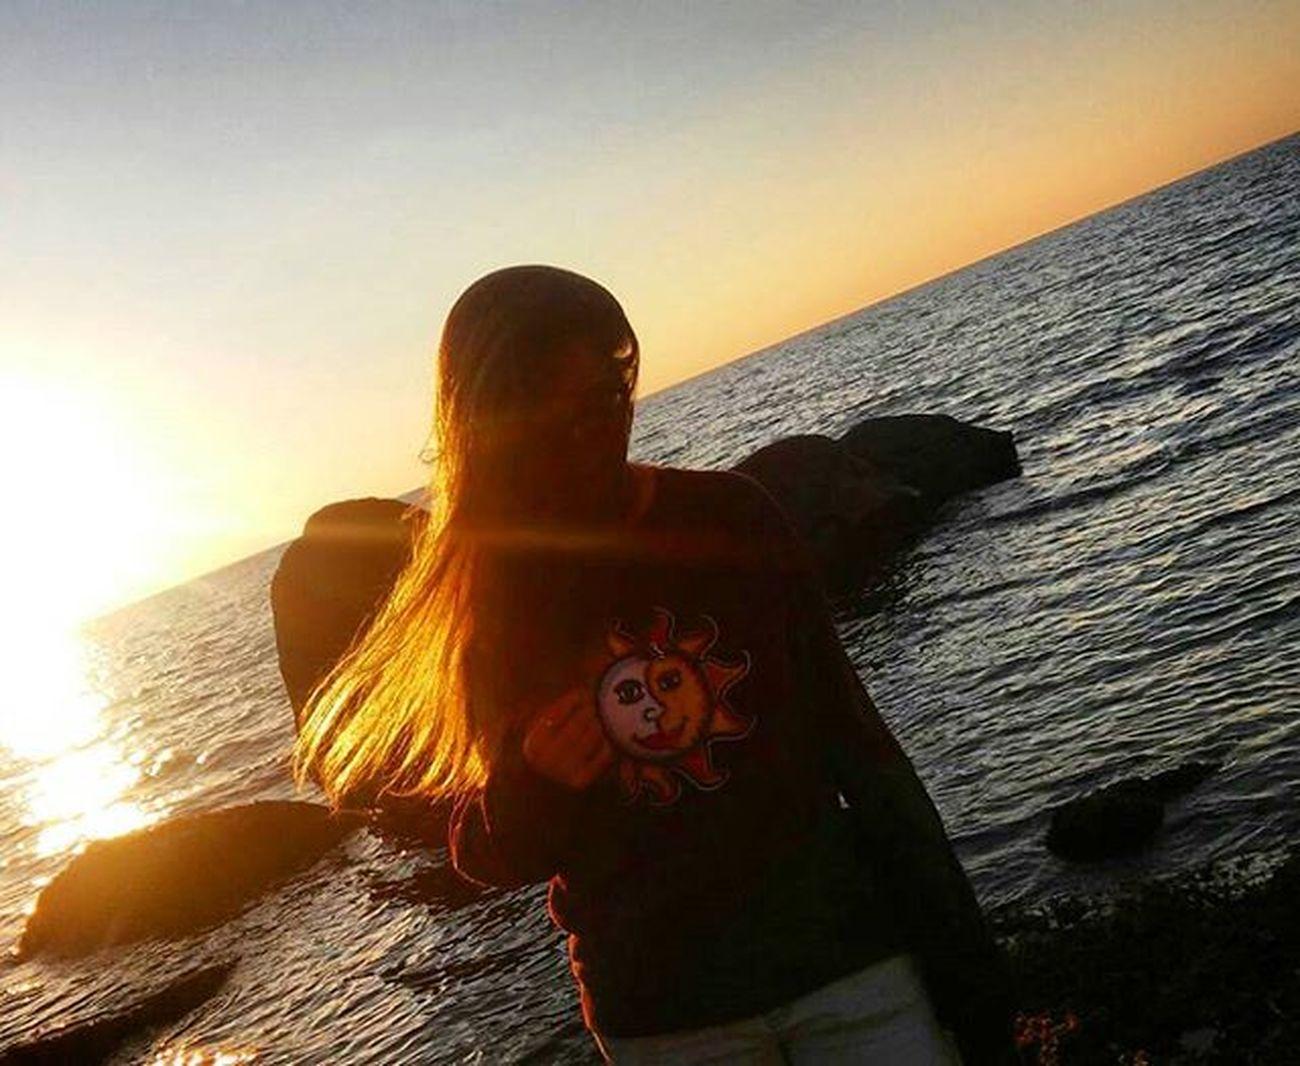 C'è soleluna dentro di me,c'è l'acqua e c'è il fuoco,c'è notte, giorno, terra e mare,c'è troppo e c'è poco. Mare Soleluna Sea Jovanotti Sun Jovanottinelcuore Sole Jovanottiunicograndeamore Tiamo Chemaglia Tiamojova Lorenzojovanotticherubini ☀️🏊 😚